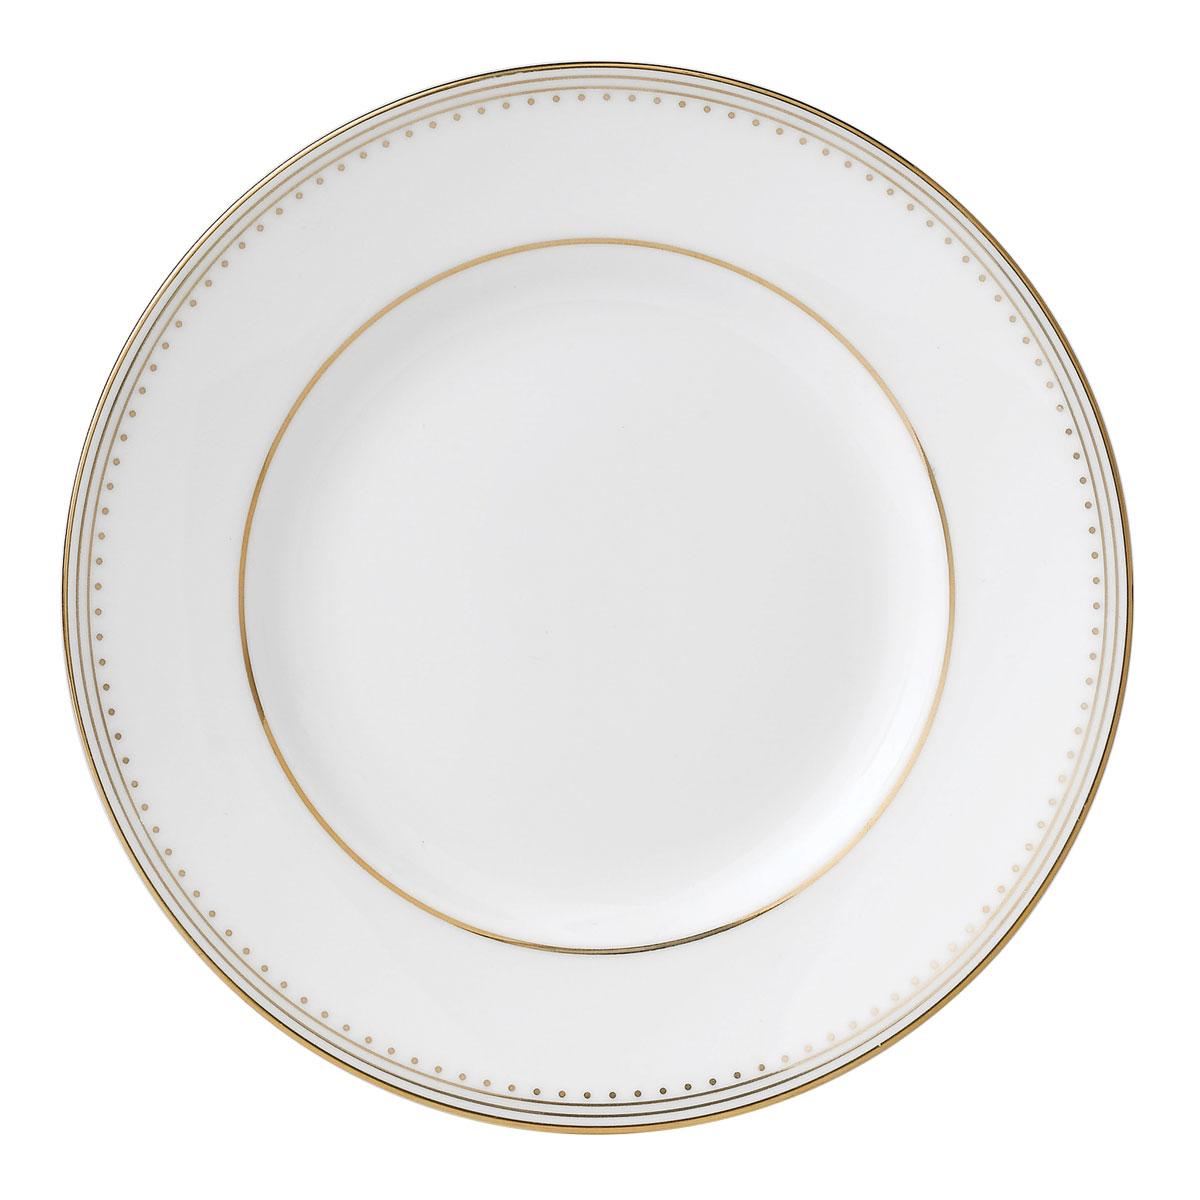 """Vera Wang Wedgwood Golden Grosgrain Bread and Butter Plate 6"""""""